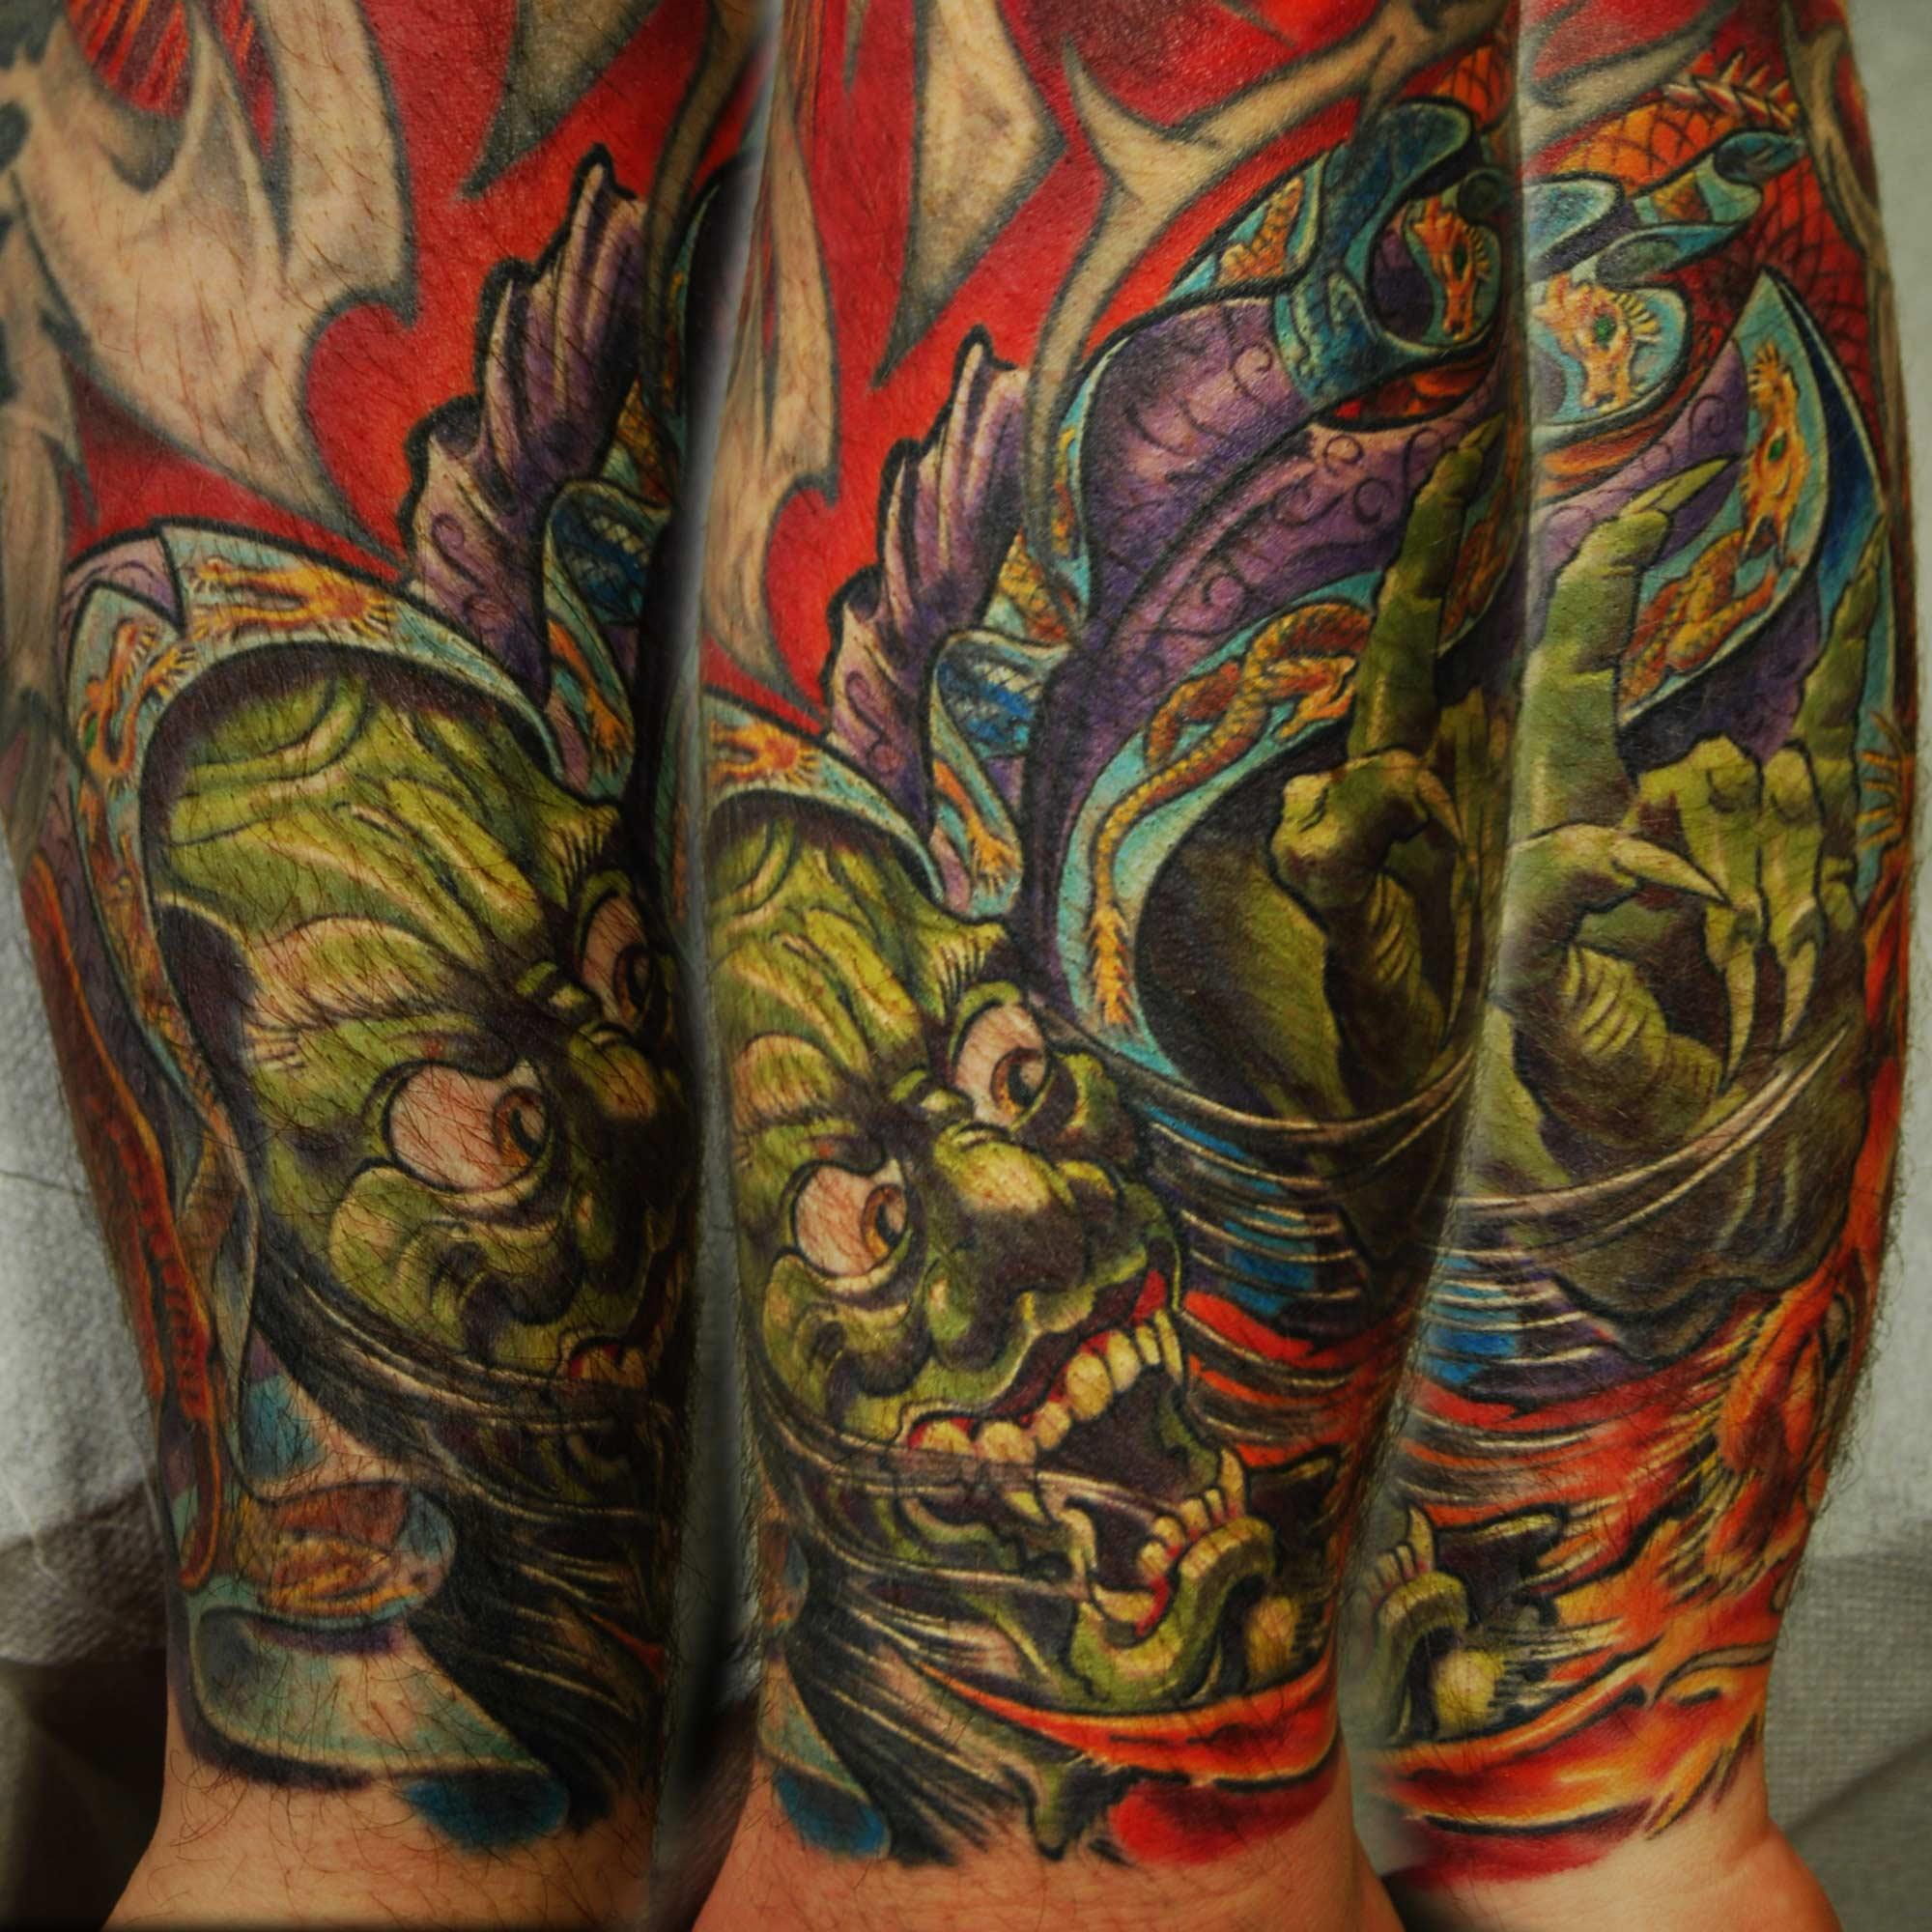 japanische Oni Yokai Tattoo mit Drachen Cover up Tattoo Überdeckung Spezialist